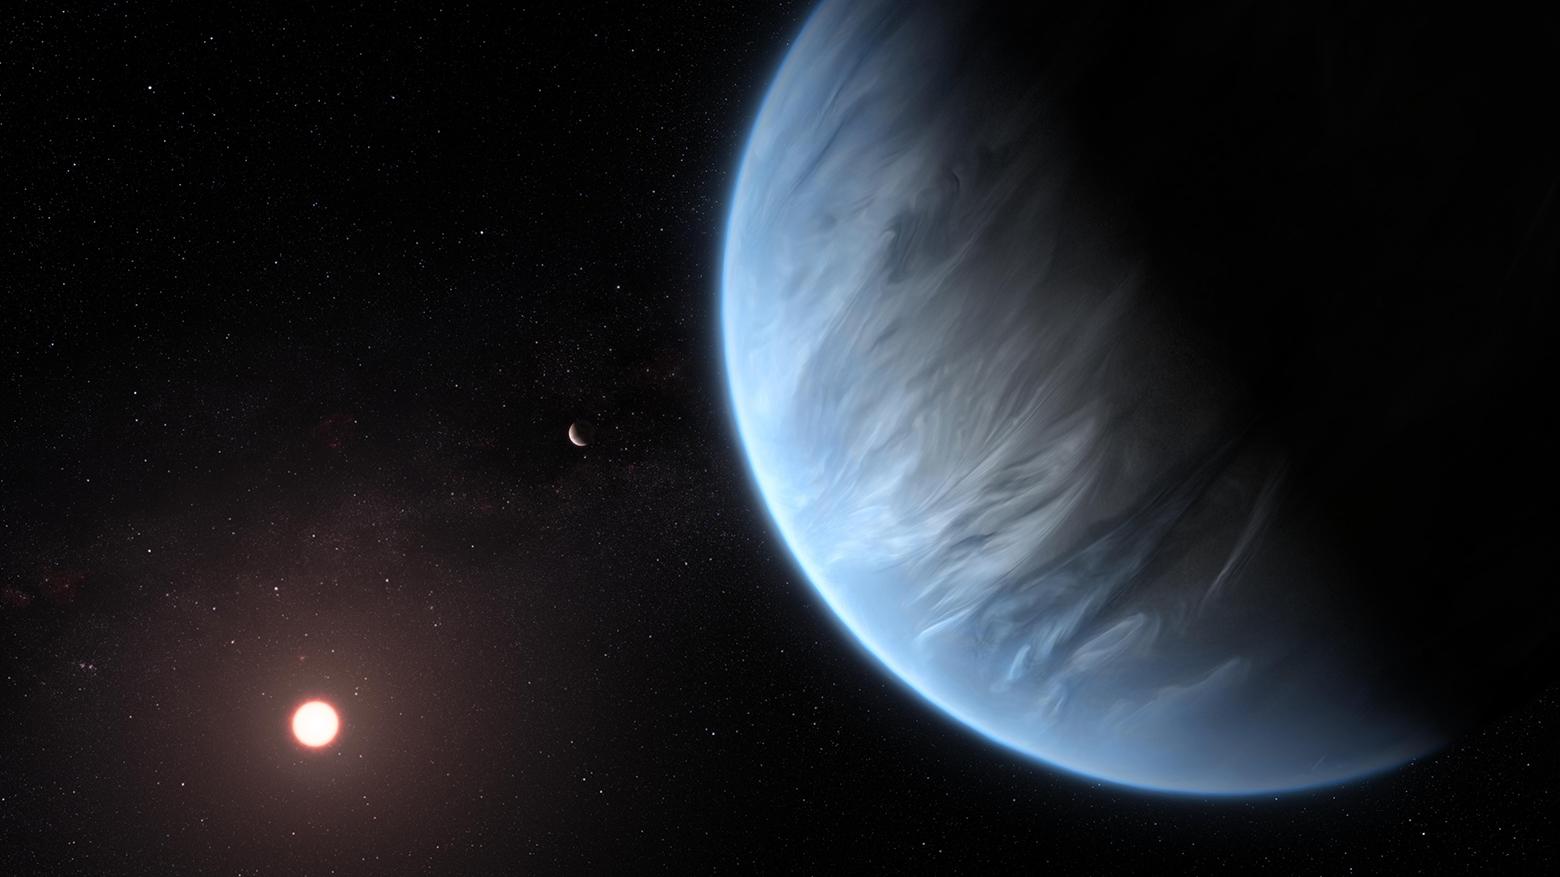 Экзопланеты: от открытия до поисков жизни   компьютерра